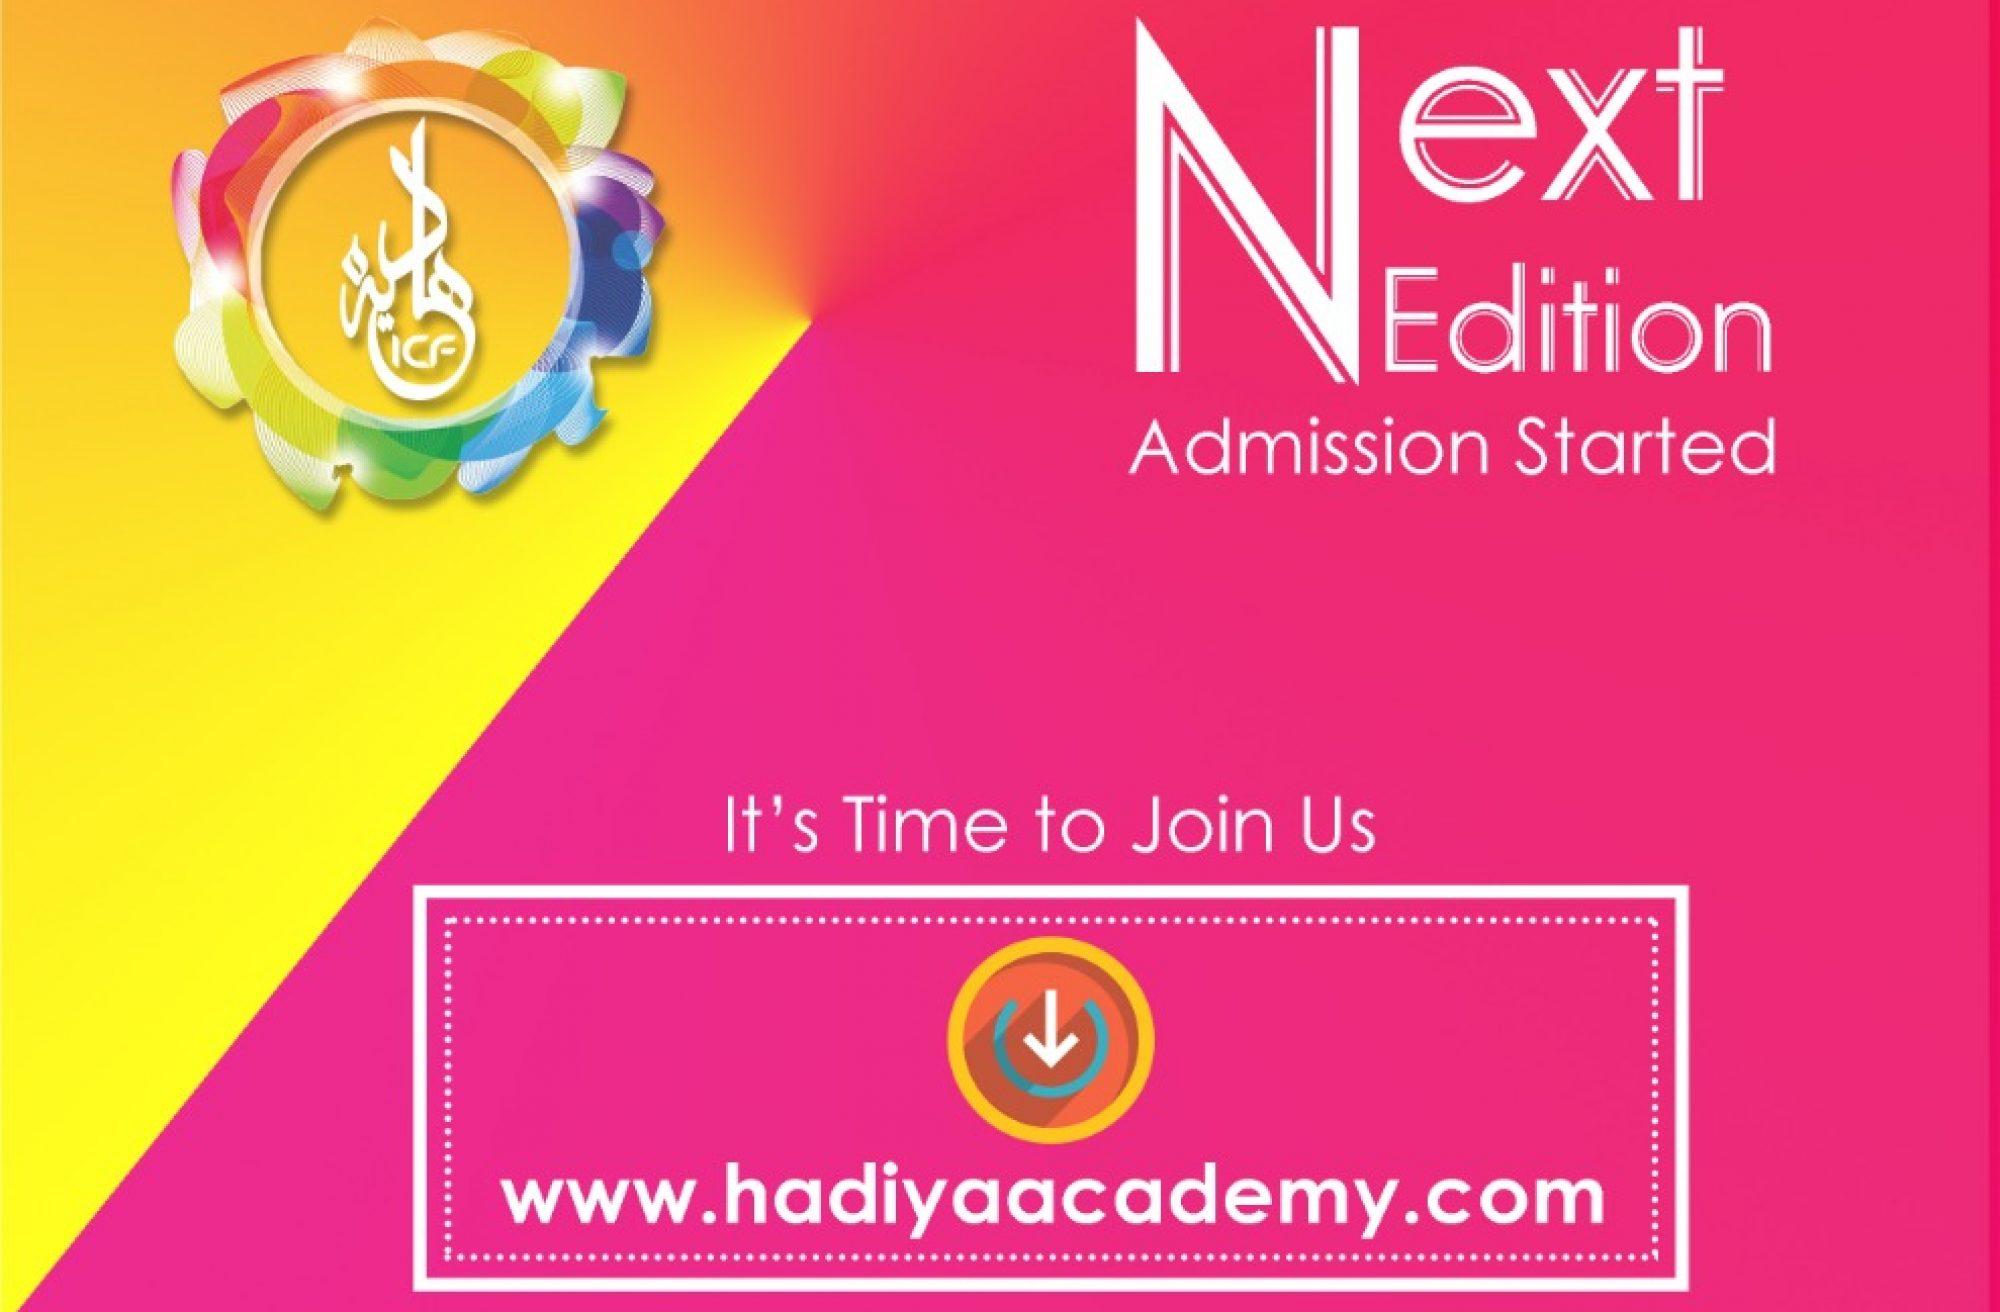 Hadiya Women's Academy